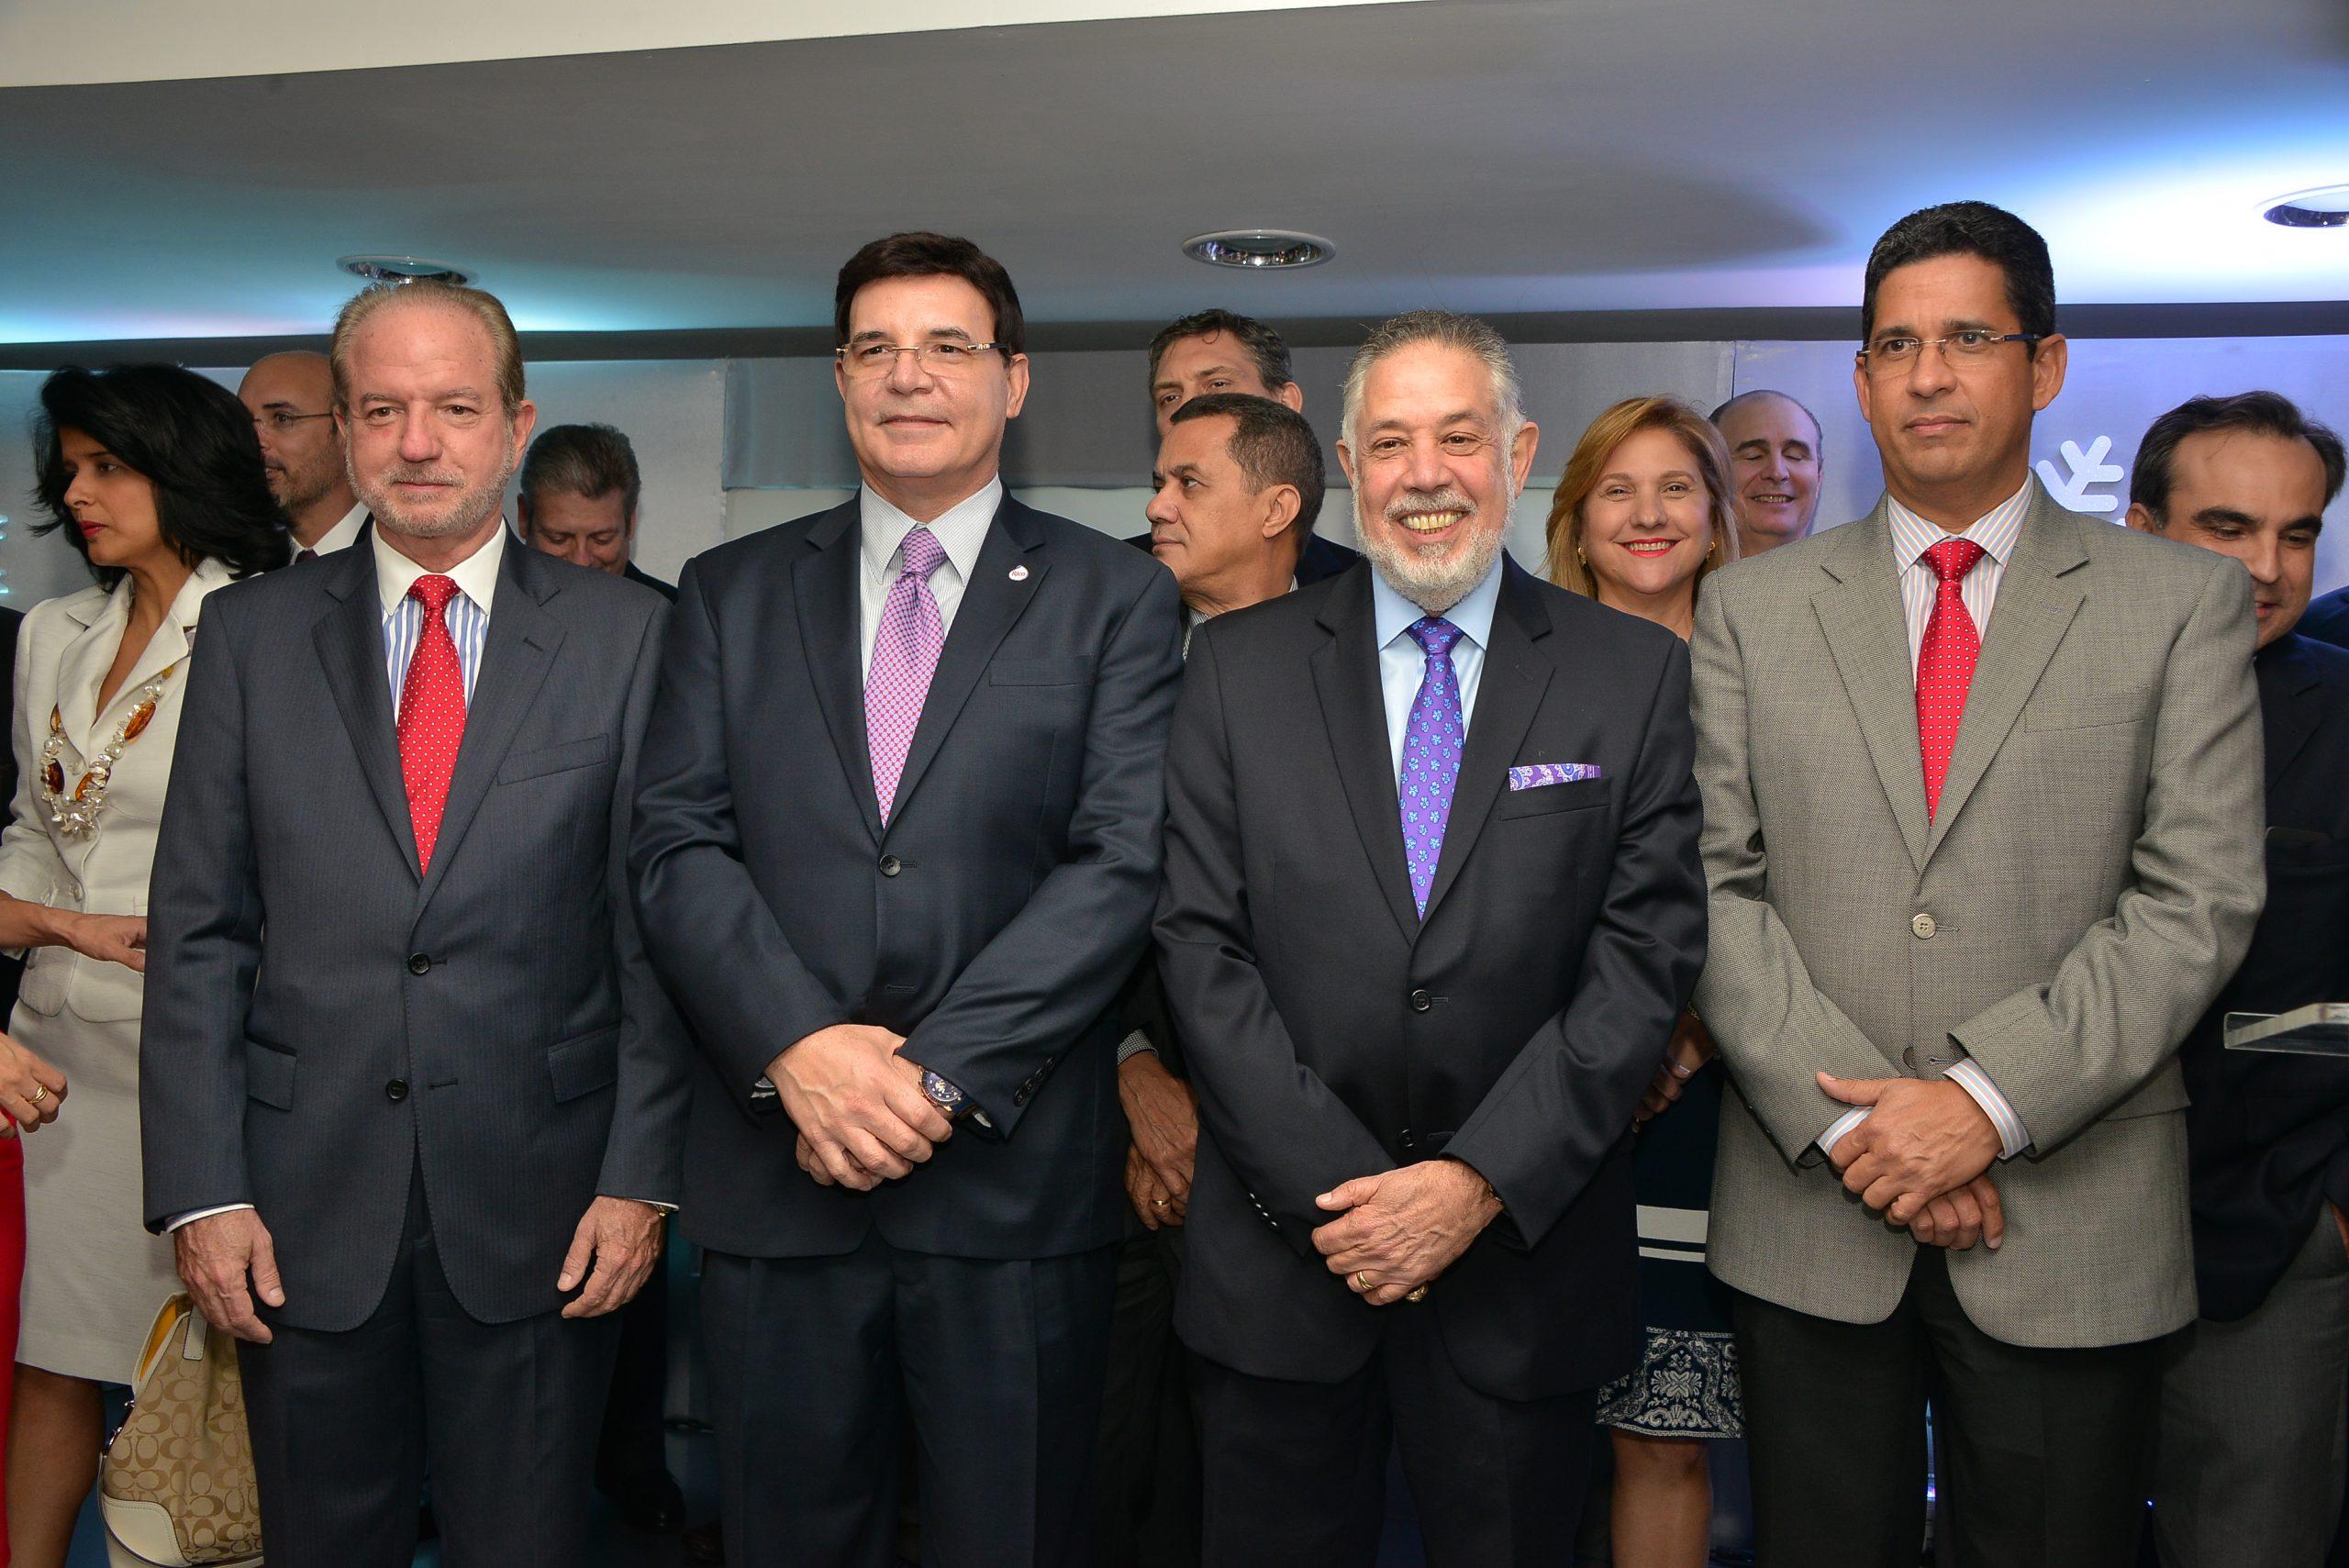 Campos de Moya estará acompañado por un importantes empresarios del sector industrial, quienes trabajarán para defender los planes de desarrollo del país.